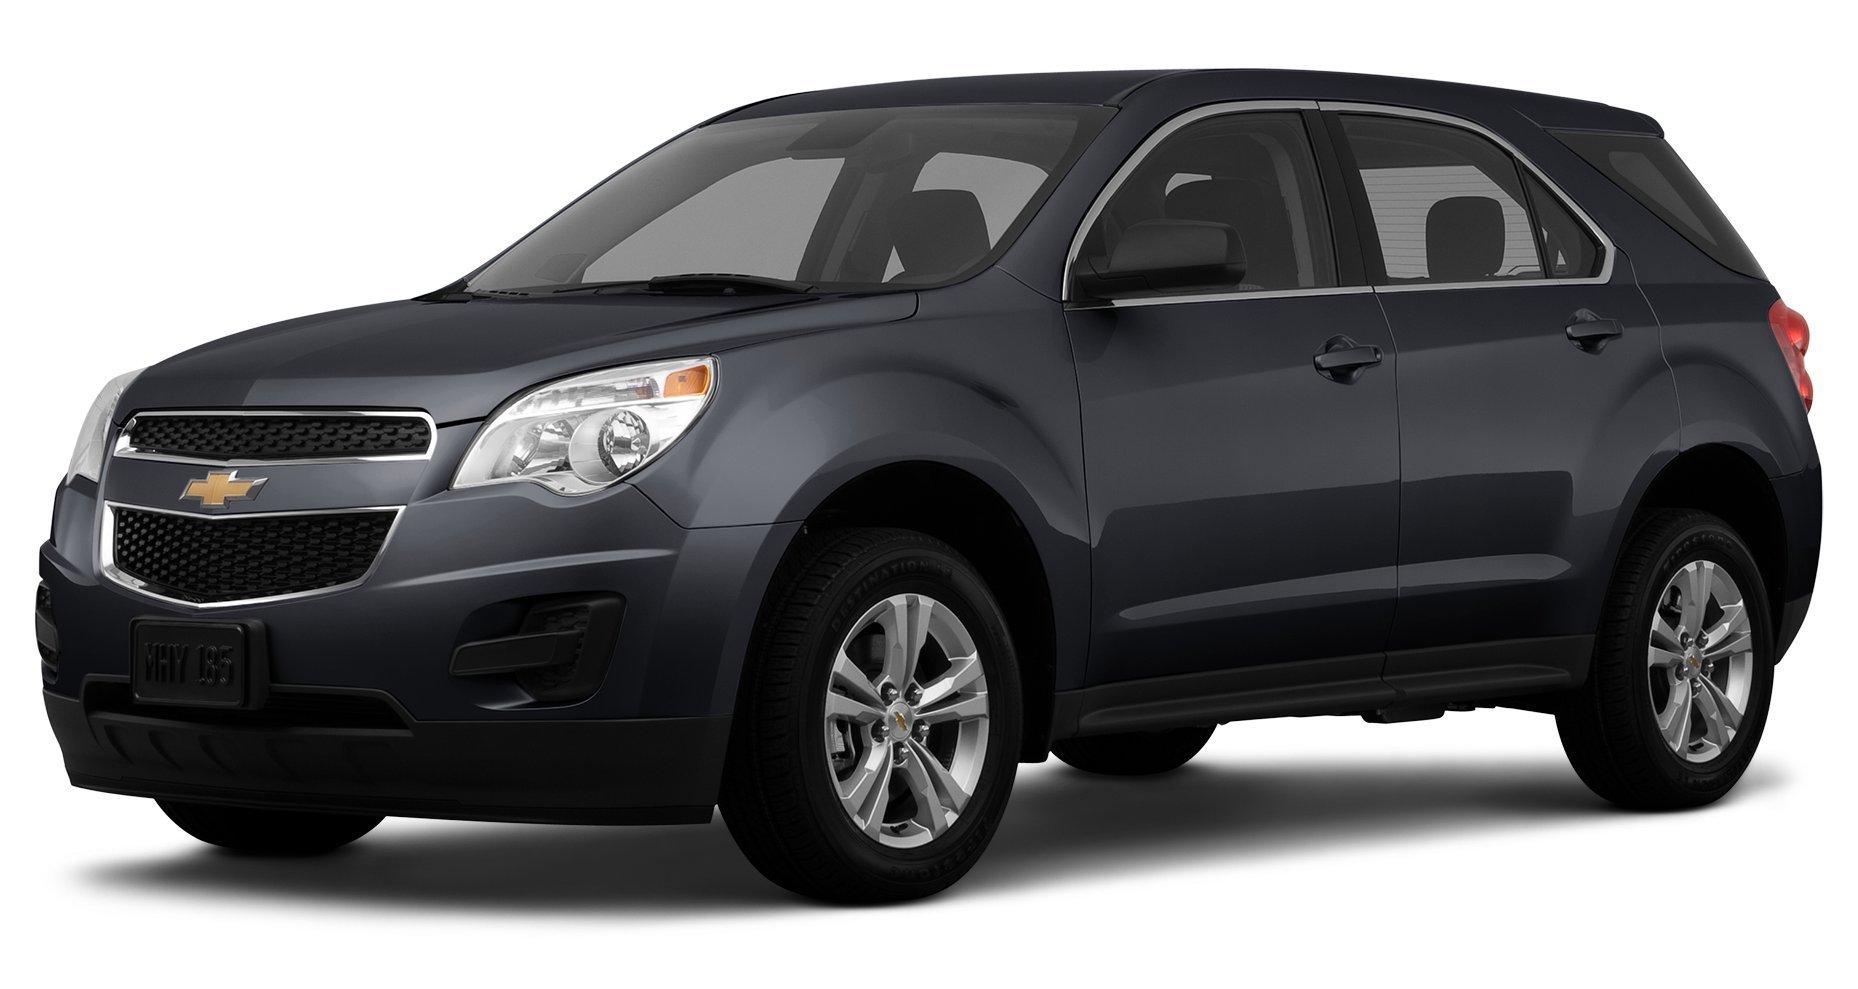 ... 2012 Chevrolet Equinox LS, Front Wheel Drive 4 Door ...